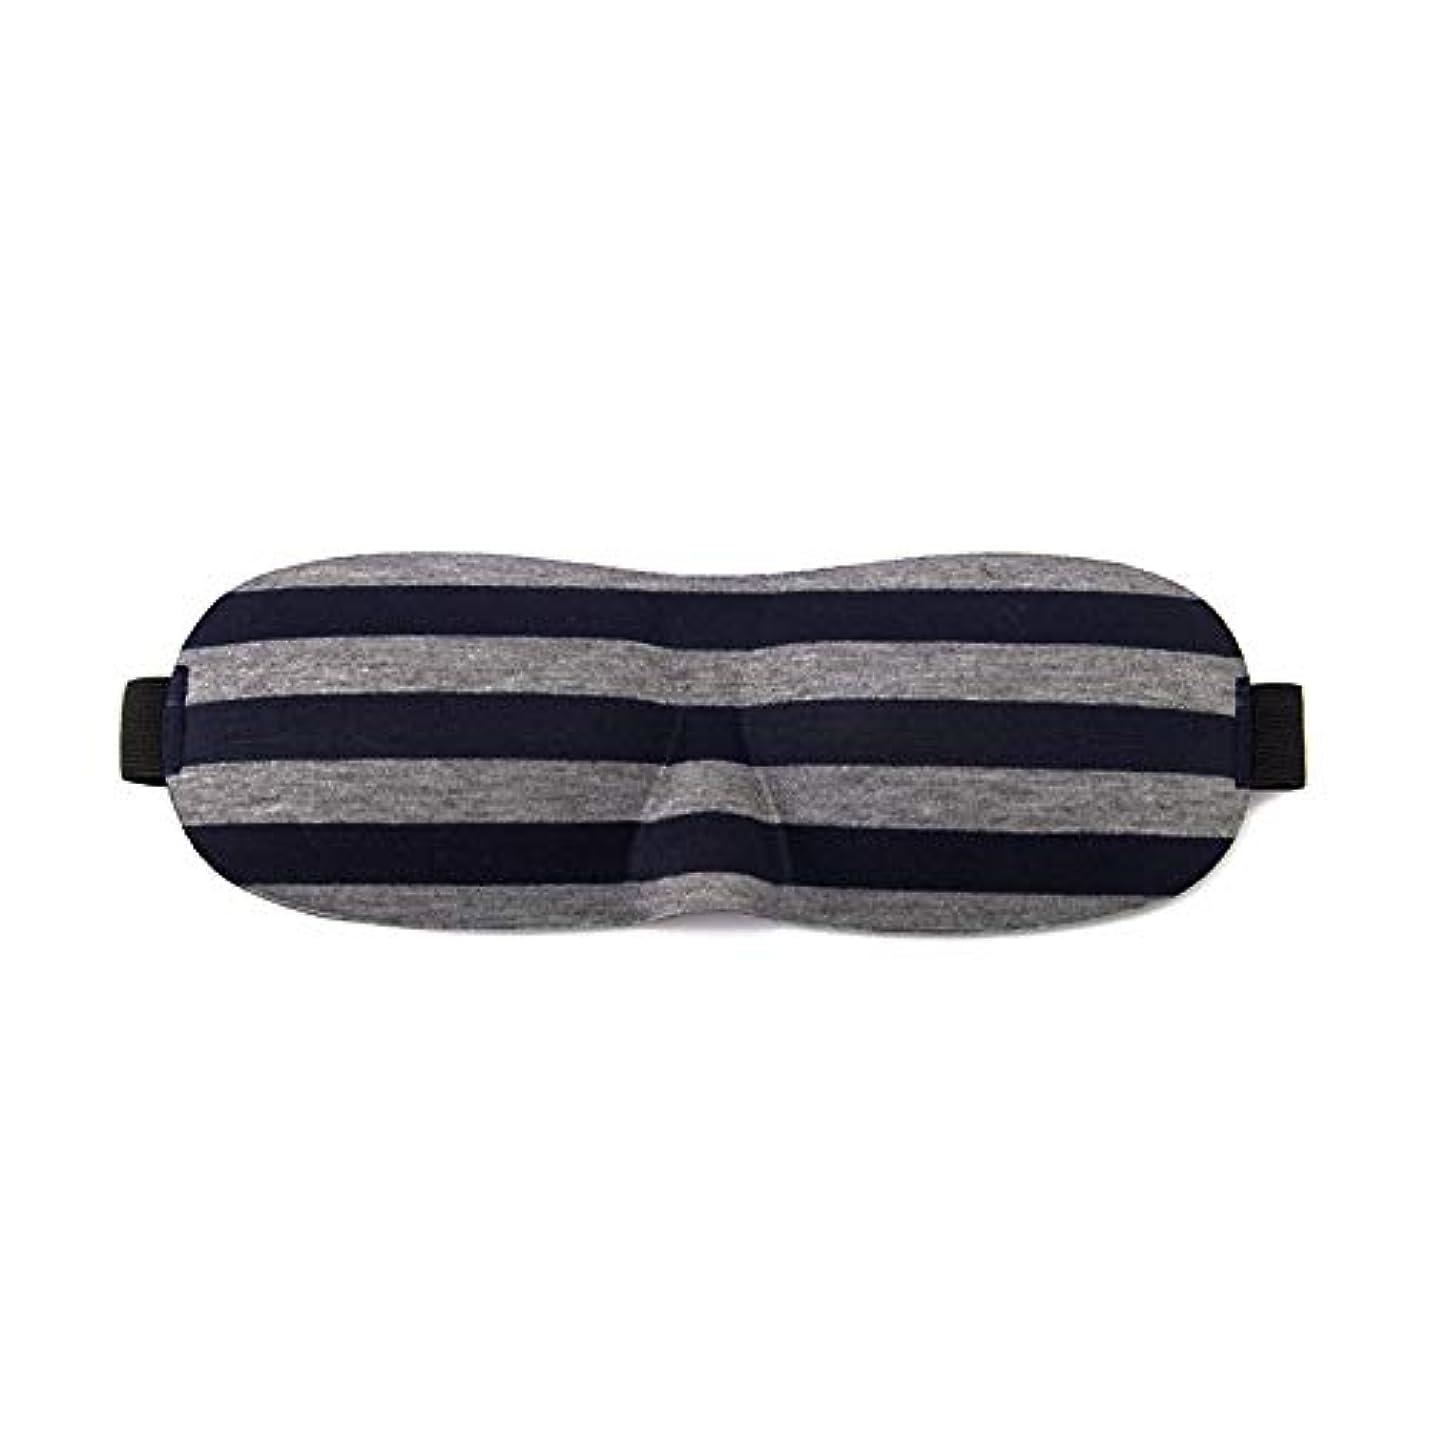 家事ひどく変わるNOTE 3d睡眠アイマスク睡眠補助目隠し遮光シェードアイパッチ包帯用目の睡眠男性女性旅行残りの健康